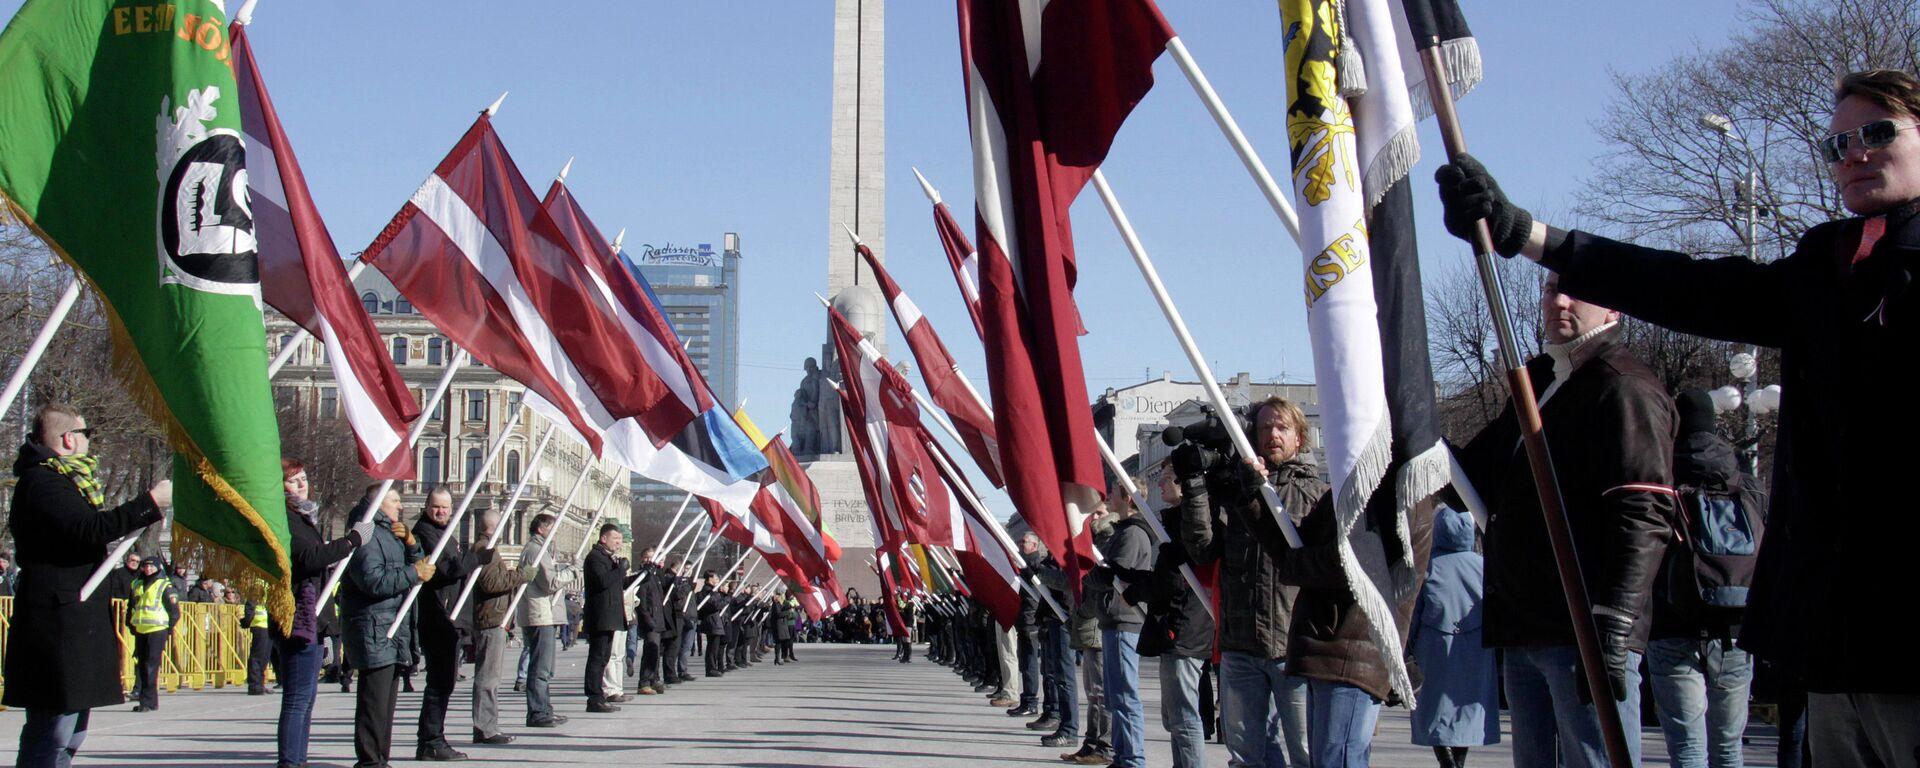 Марш ветеранов латышского легиона СС в Риге - Sputnik Латвия, 1920, 24.06.2021